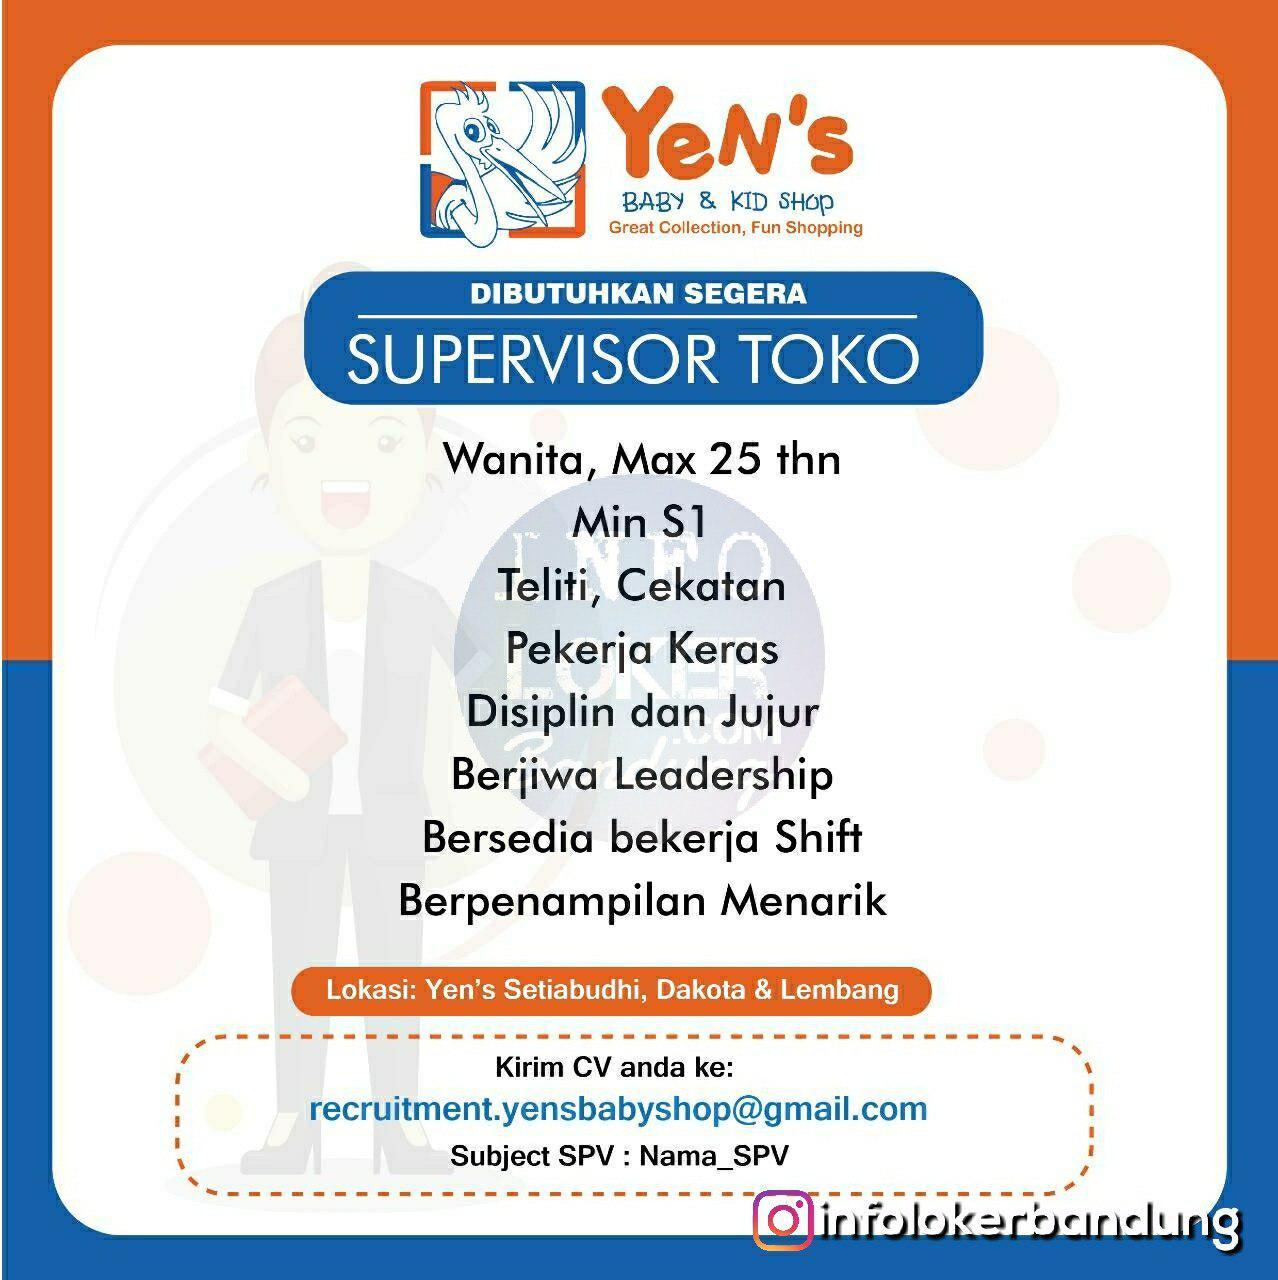 Lowongan Kerja Supervisor Toko Yens Baby & Kid Shop Bandung Desember 2018